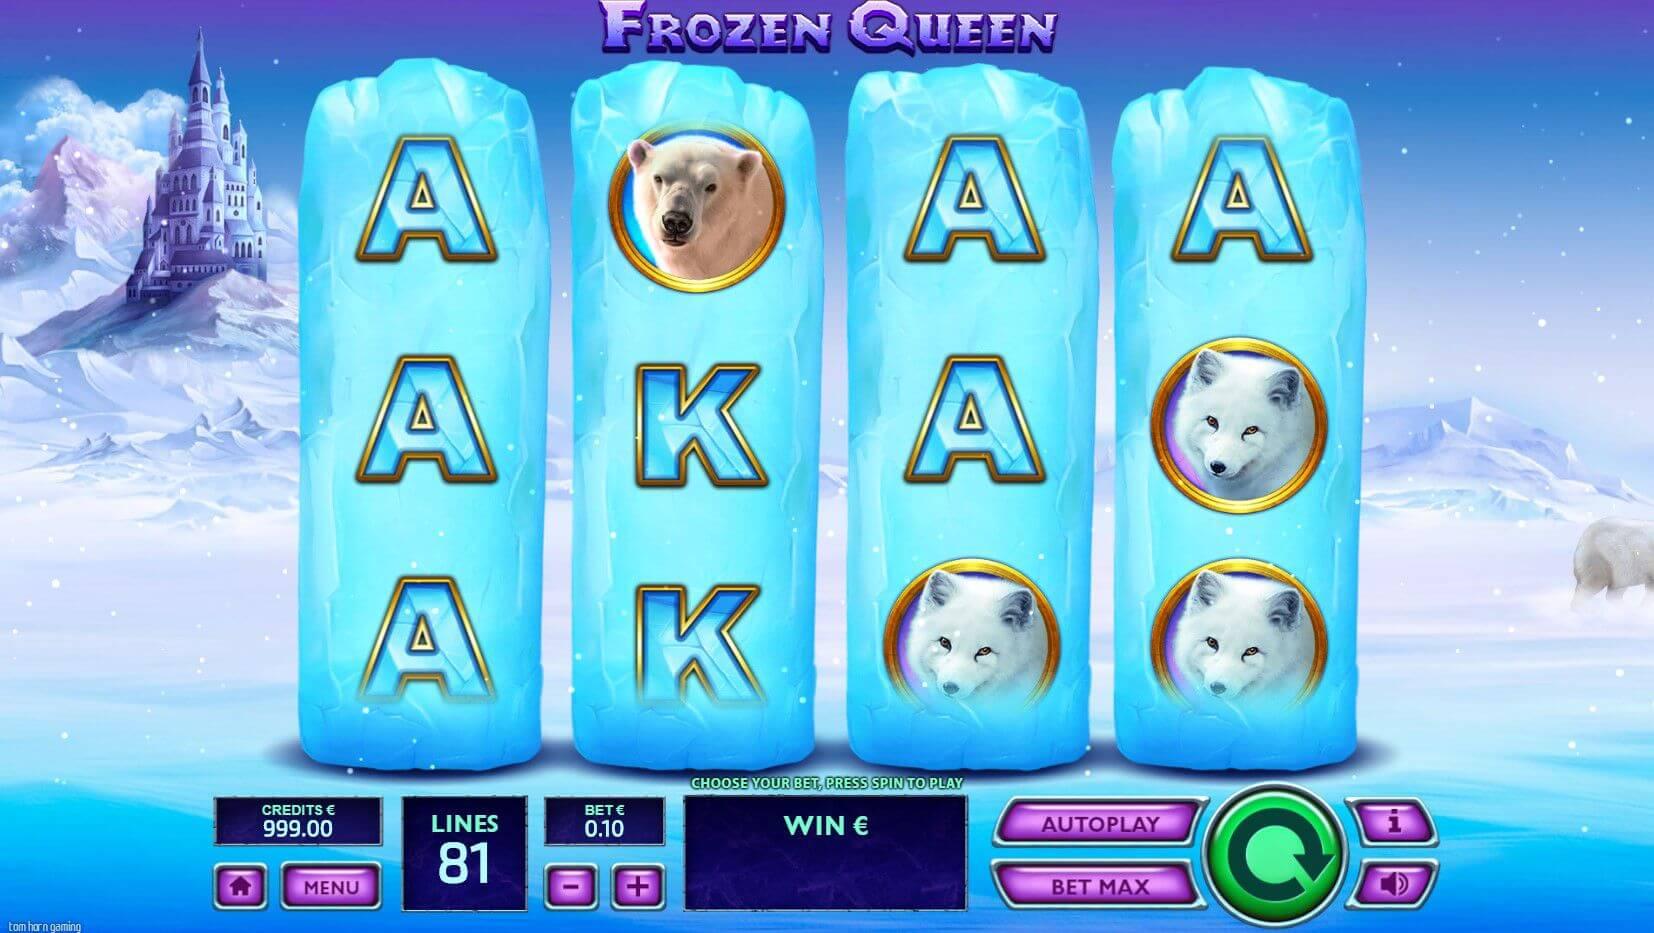 Frozen Queen Slot Gameplay